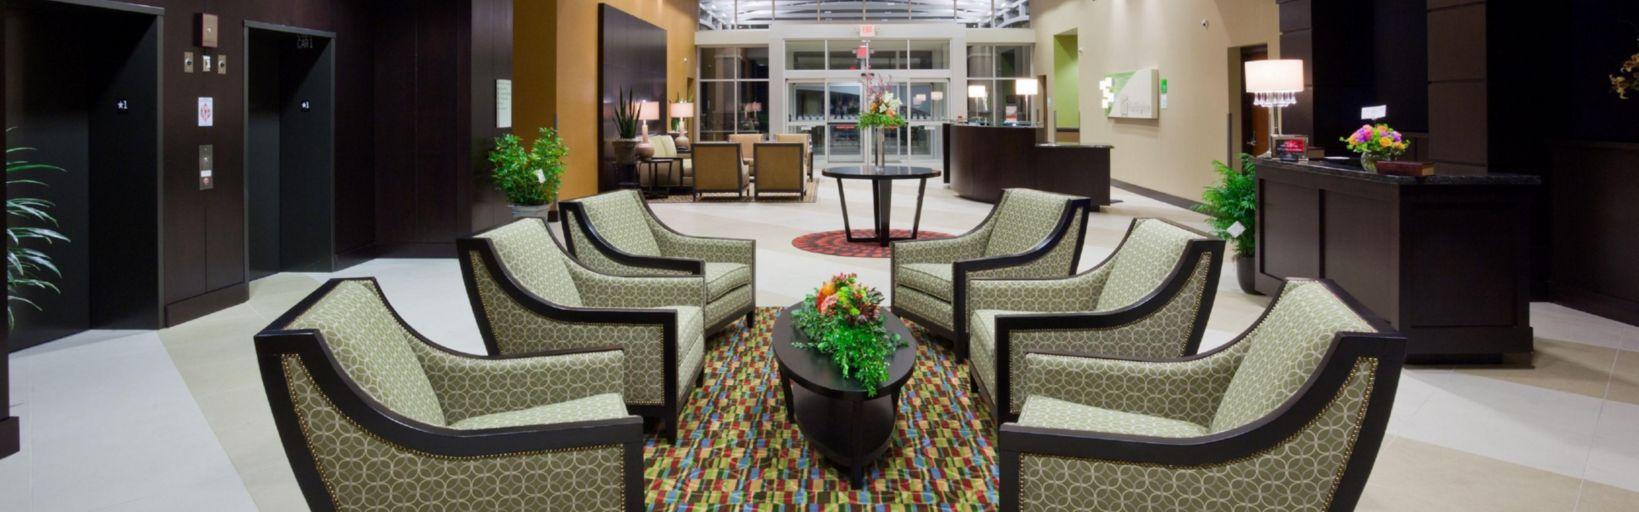 Hotel Lobby Area Holiday Inn Eau Claire South